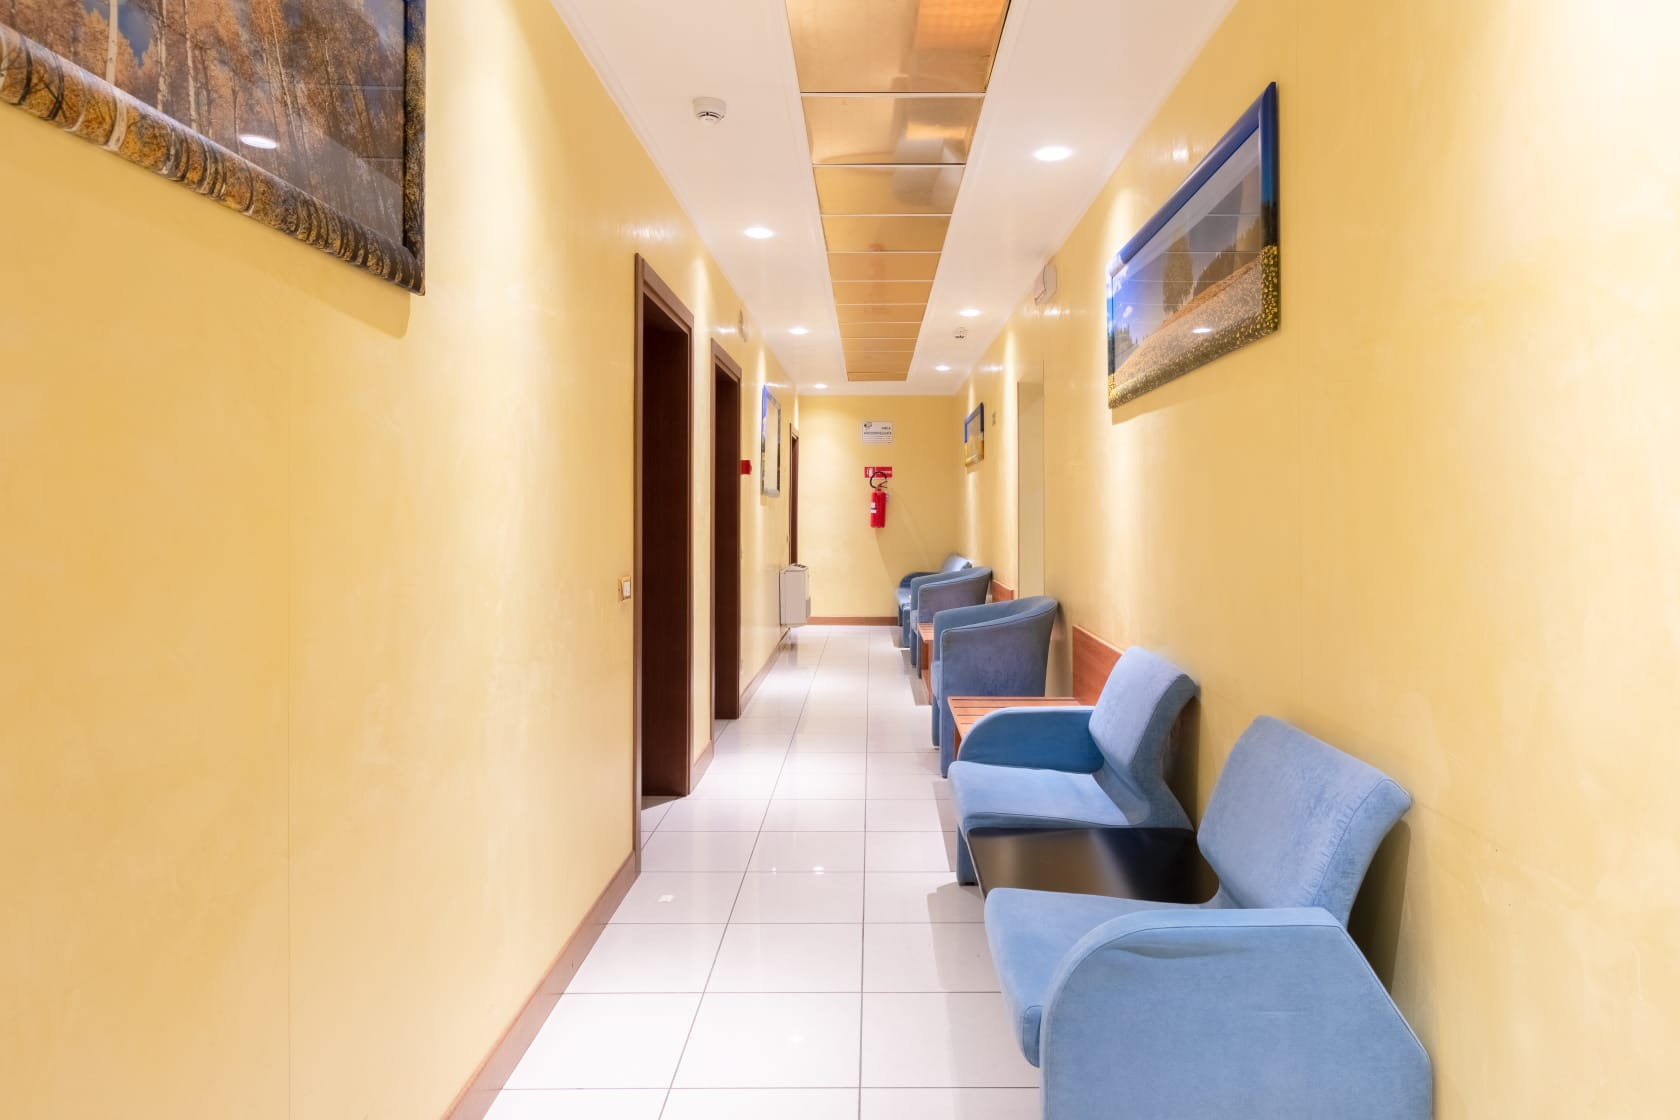 Corridoio di Accesso alle Camere - Albergo Nuova Aurora